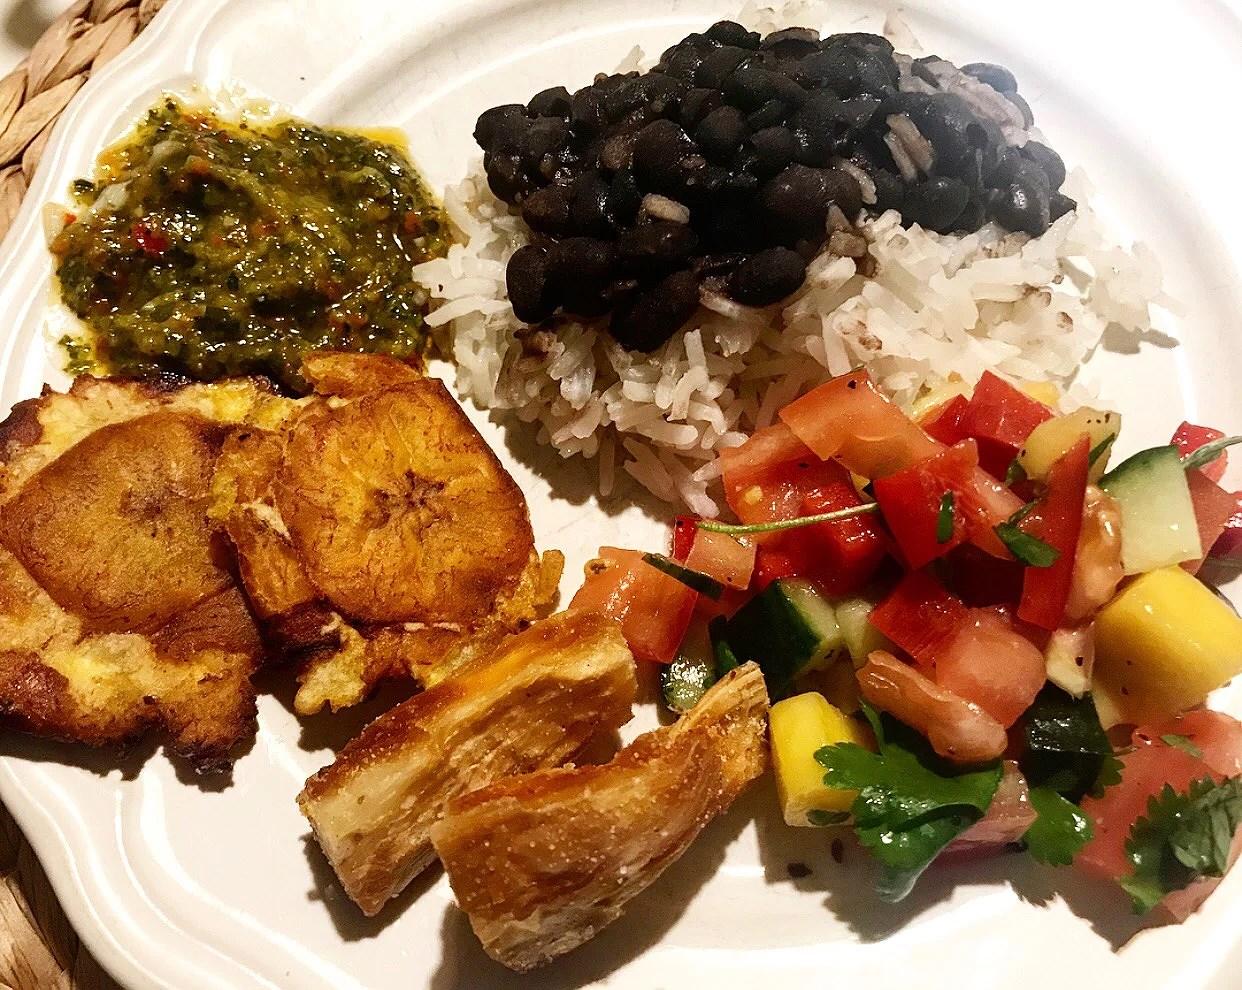 Karibisk mat på menyn